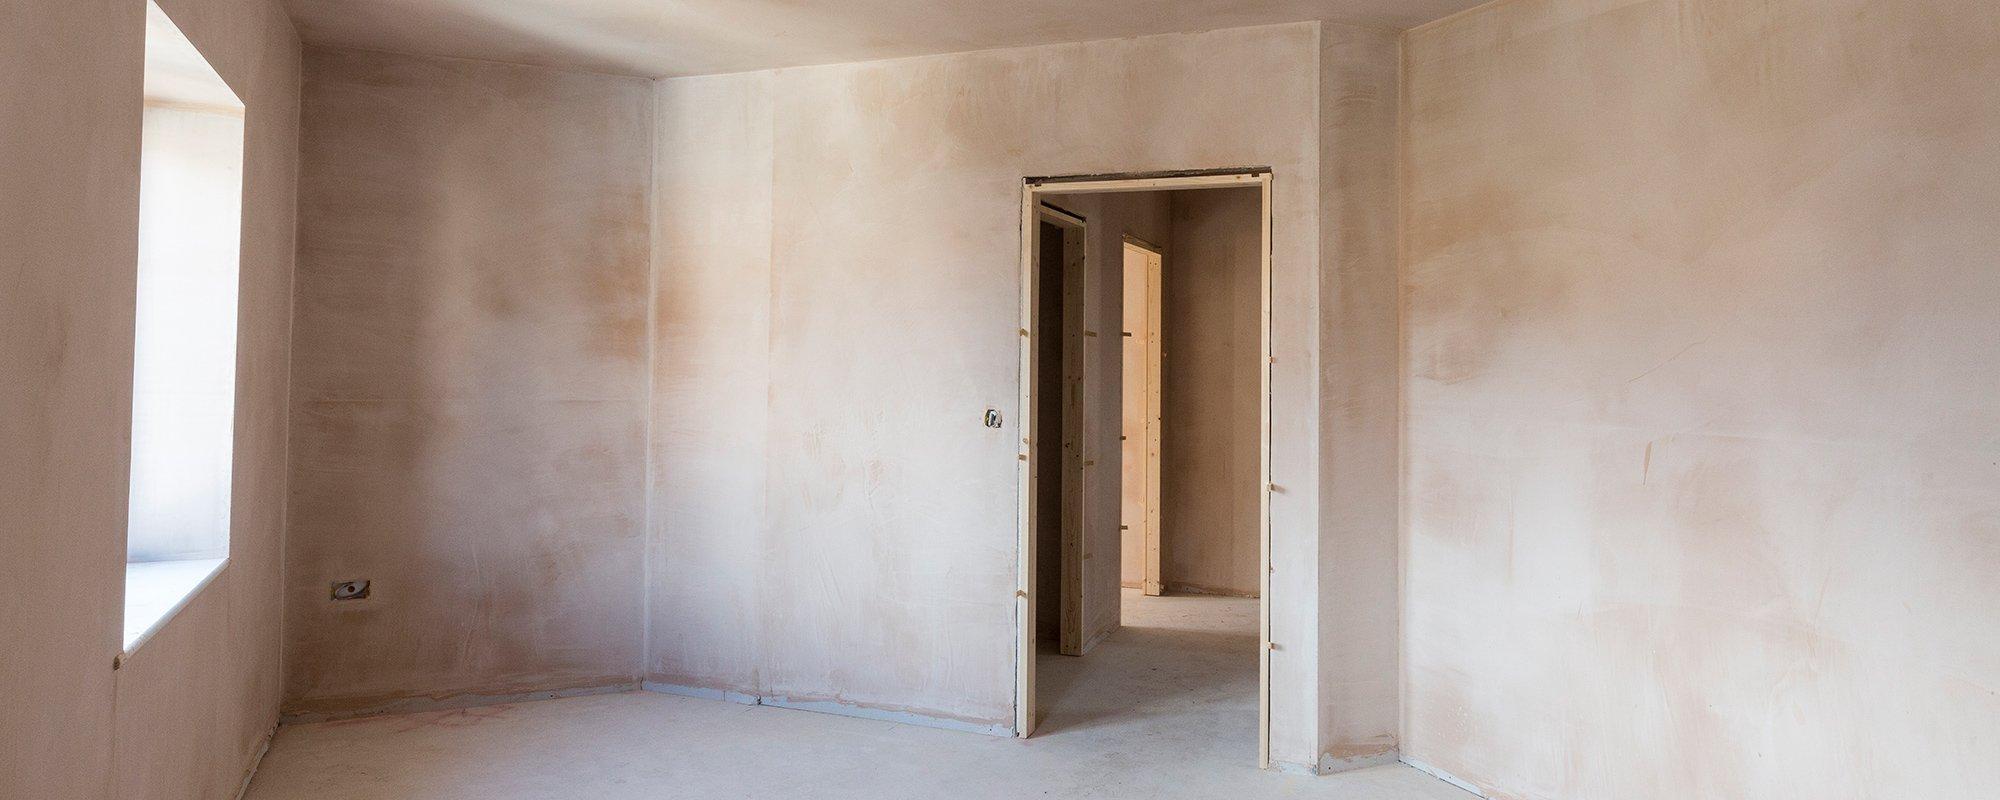 Plastering residential development